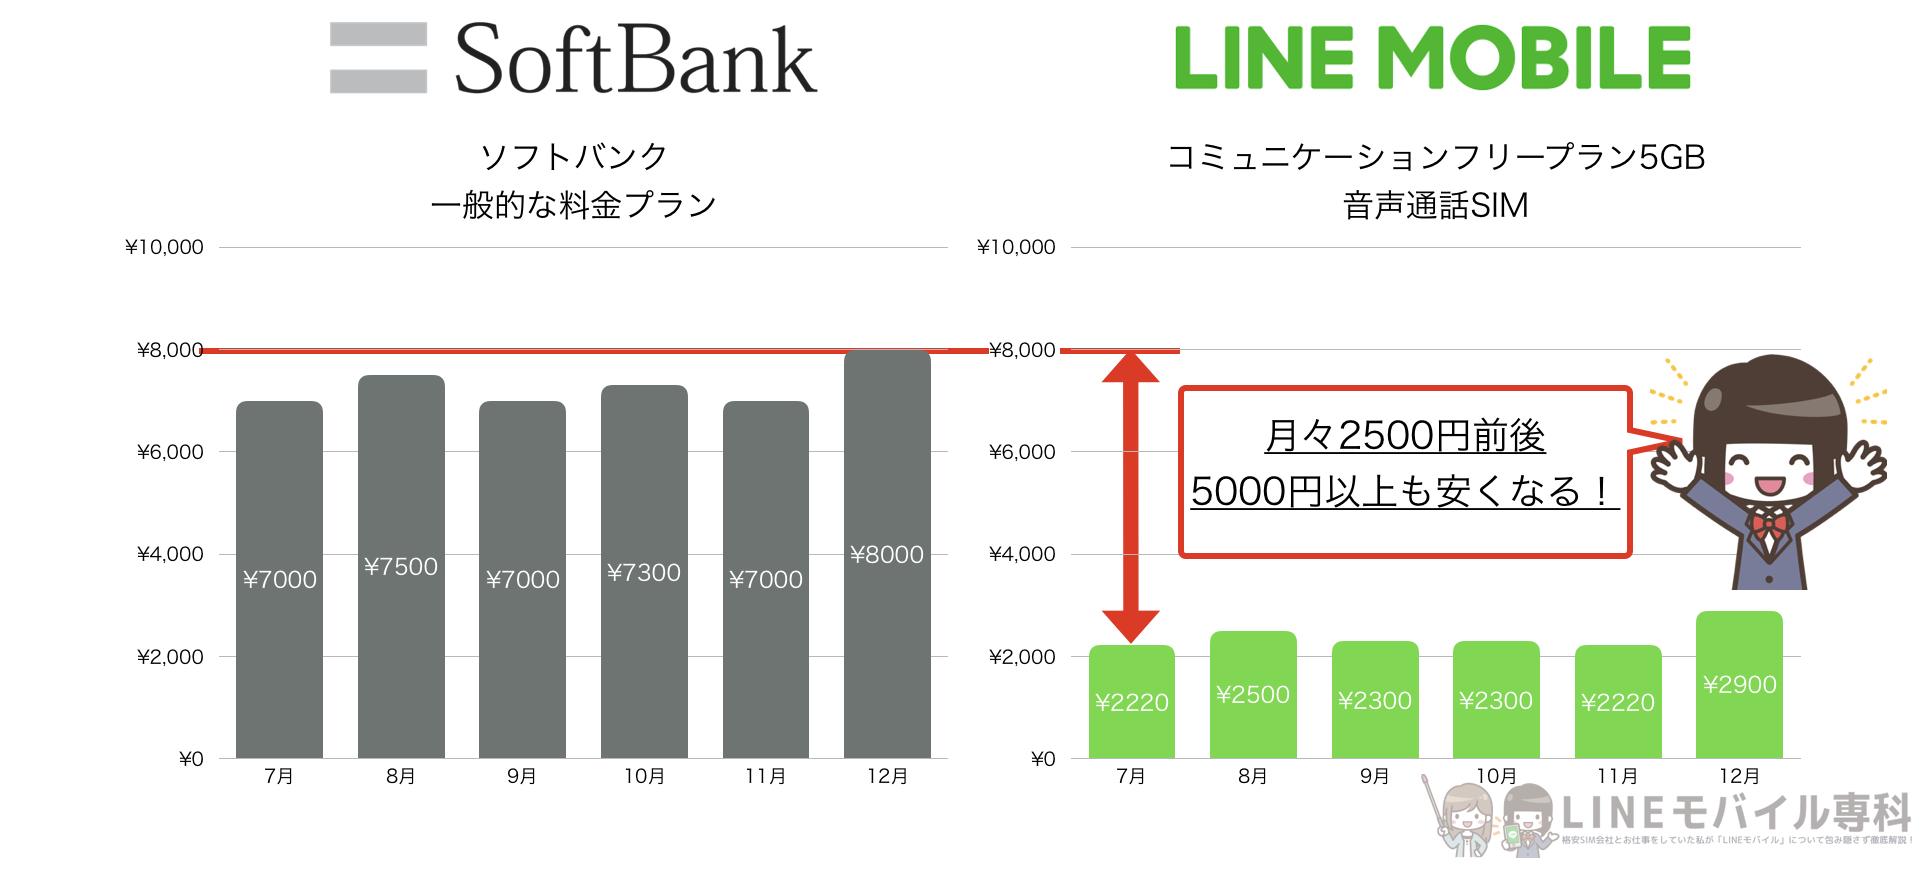 ソフトバンクからLINEモバイルへ乗り換えたときの料金シミュレーション